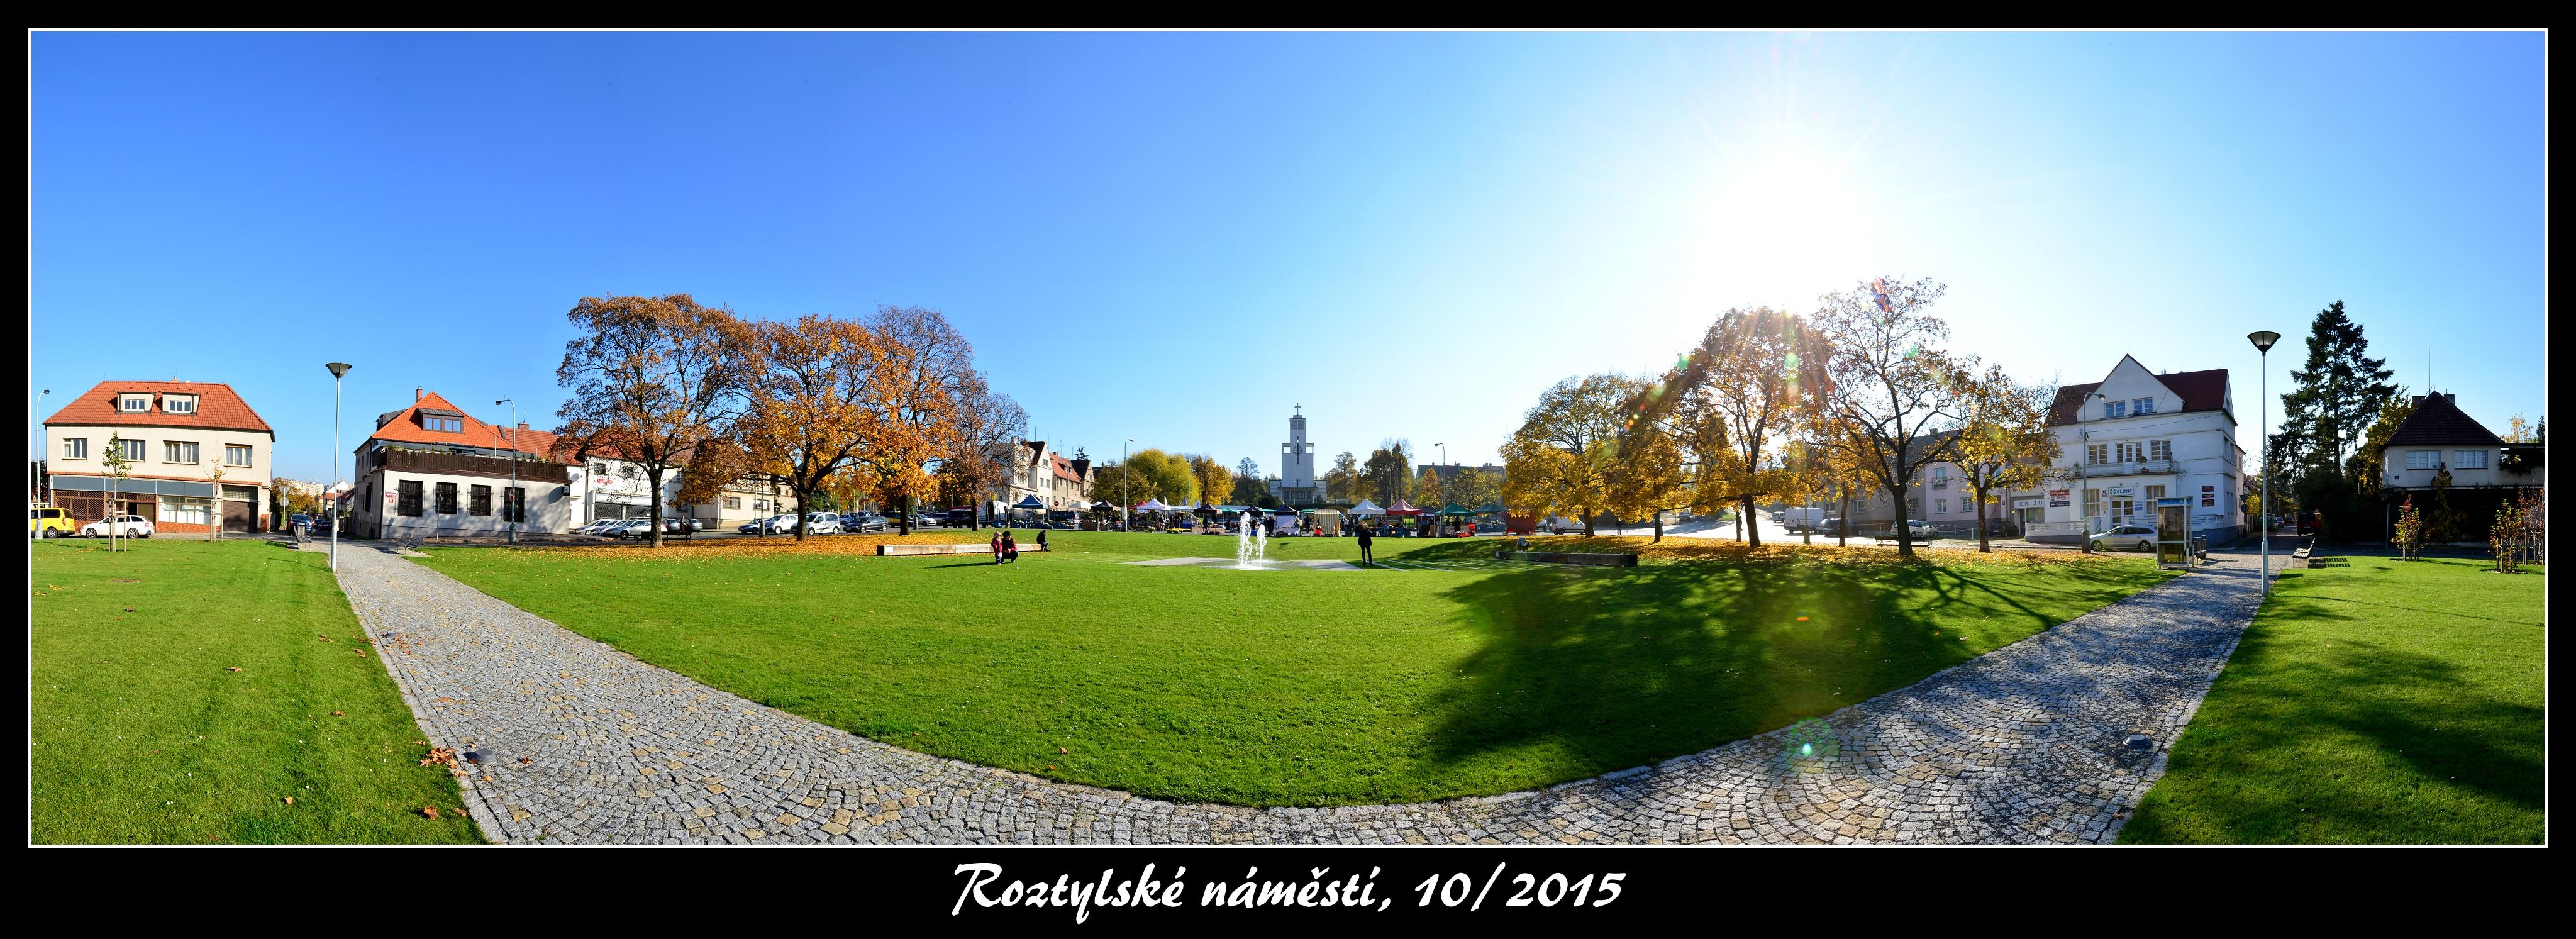 Roztylské náměstí - panorama